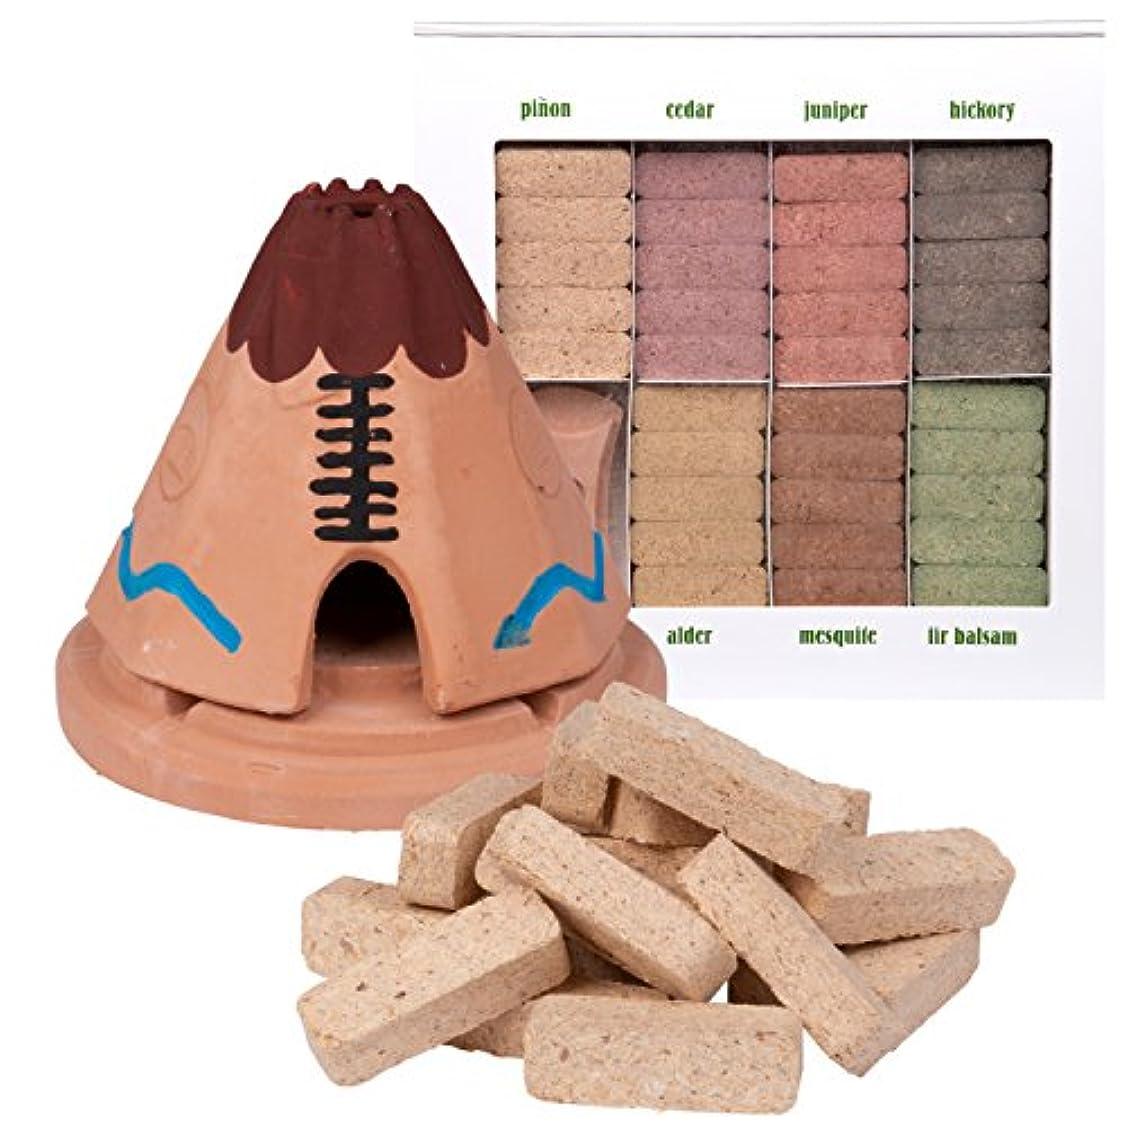 法律トランジスタデマンドIncienso de Santa Fe Teepee Burner With松の天然木製お香と7香りSampler – Made in the US